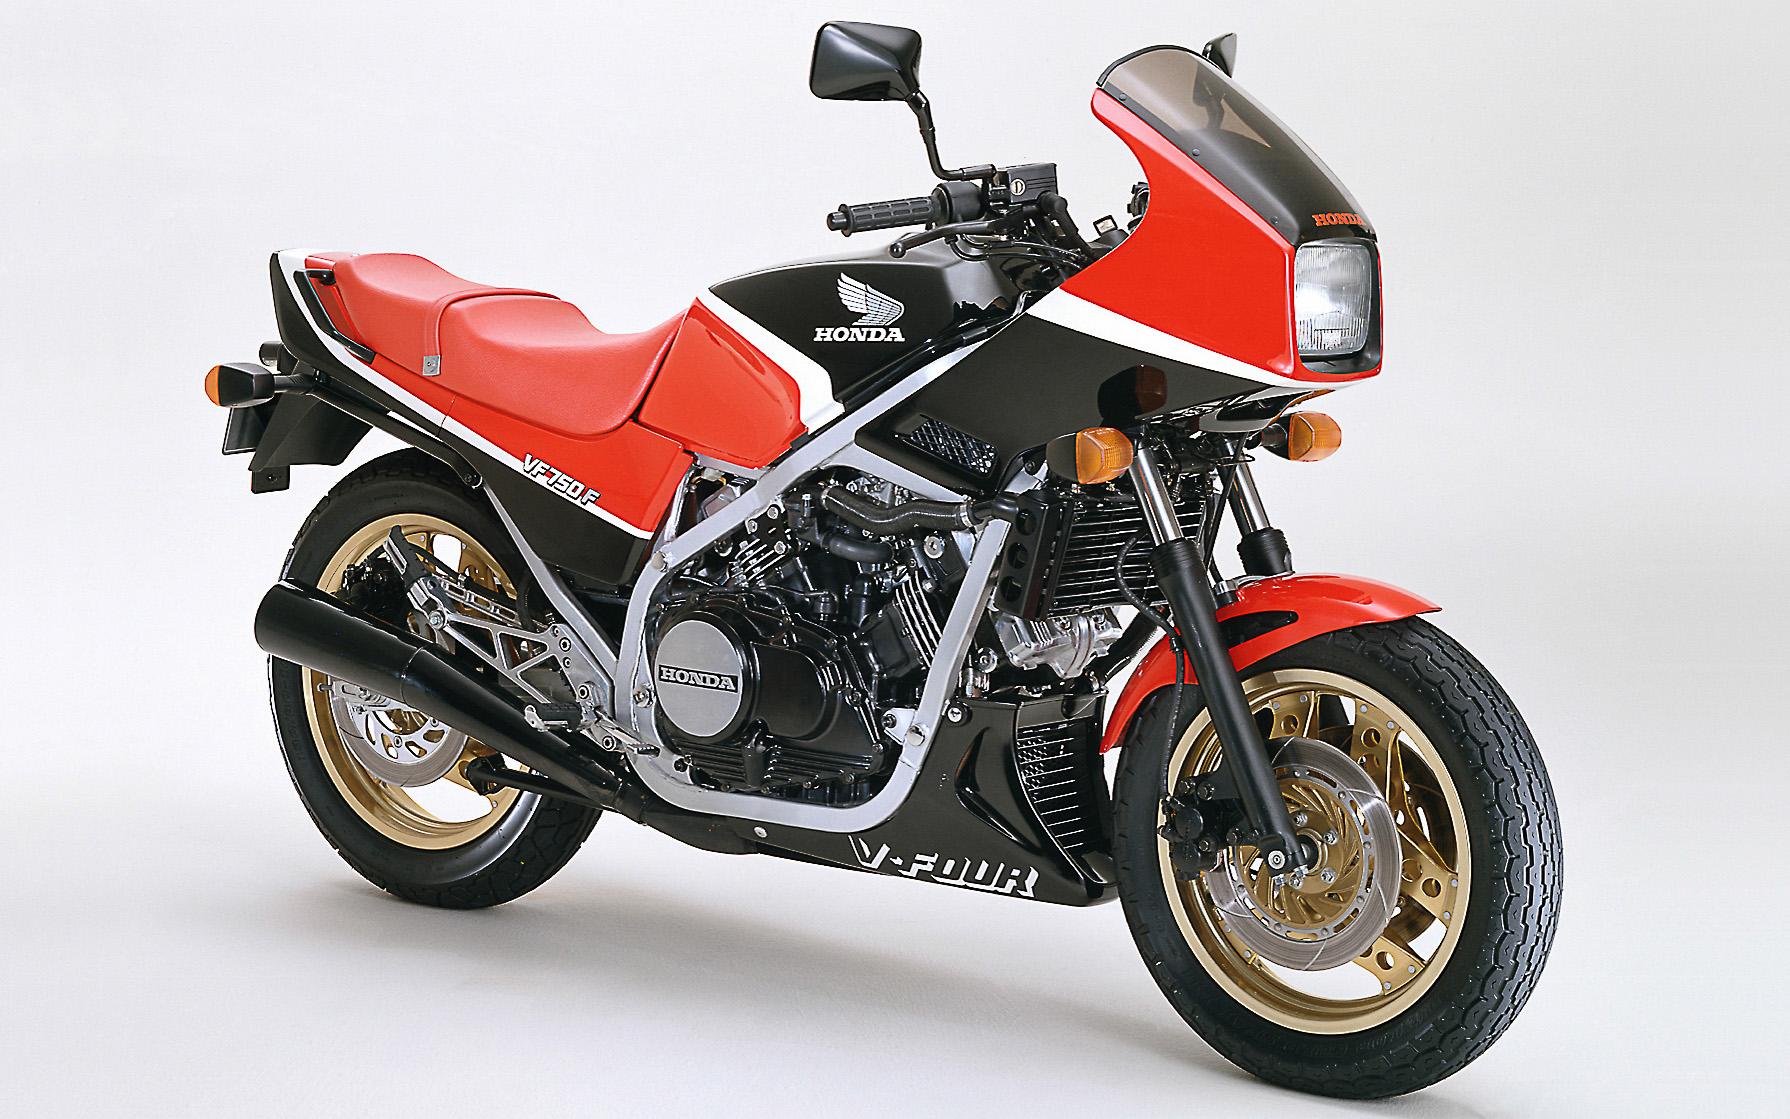 Die Honda VF 750 F gab es in drei Farbkombinationen